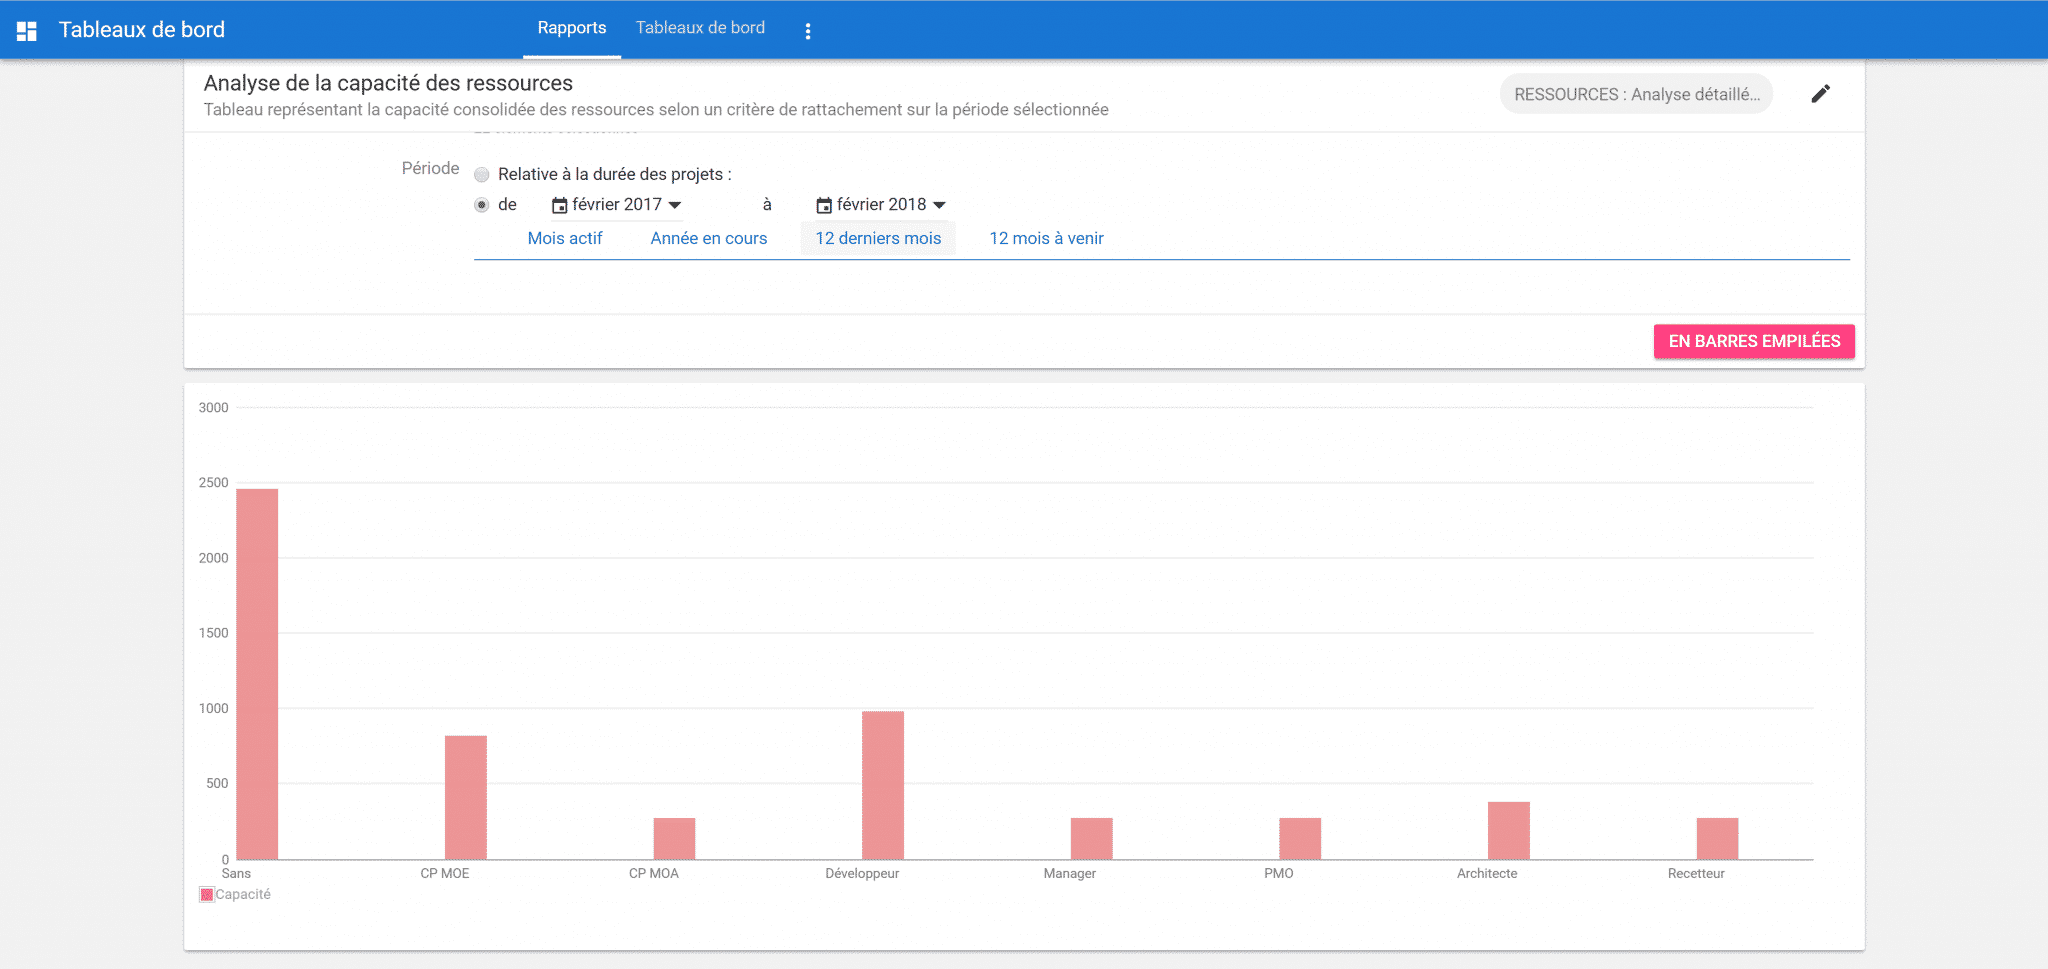 Tableau de synthèse de la capacité par profil de ressource